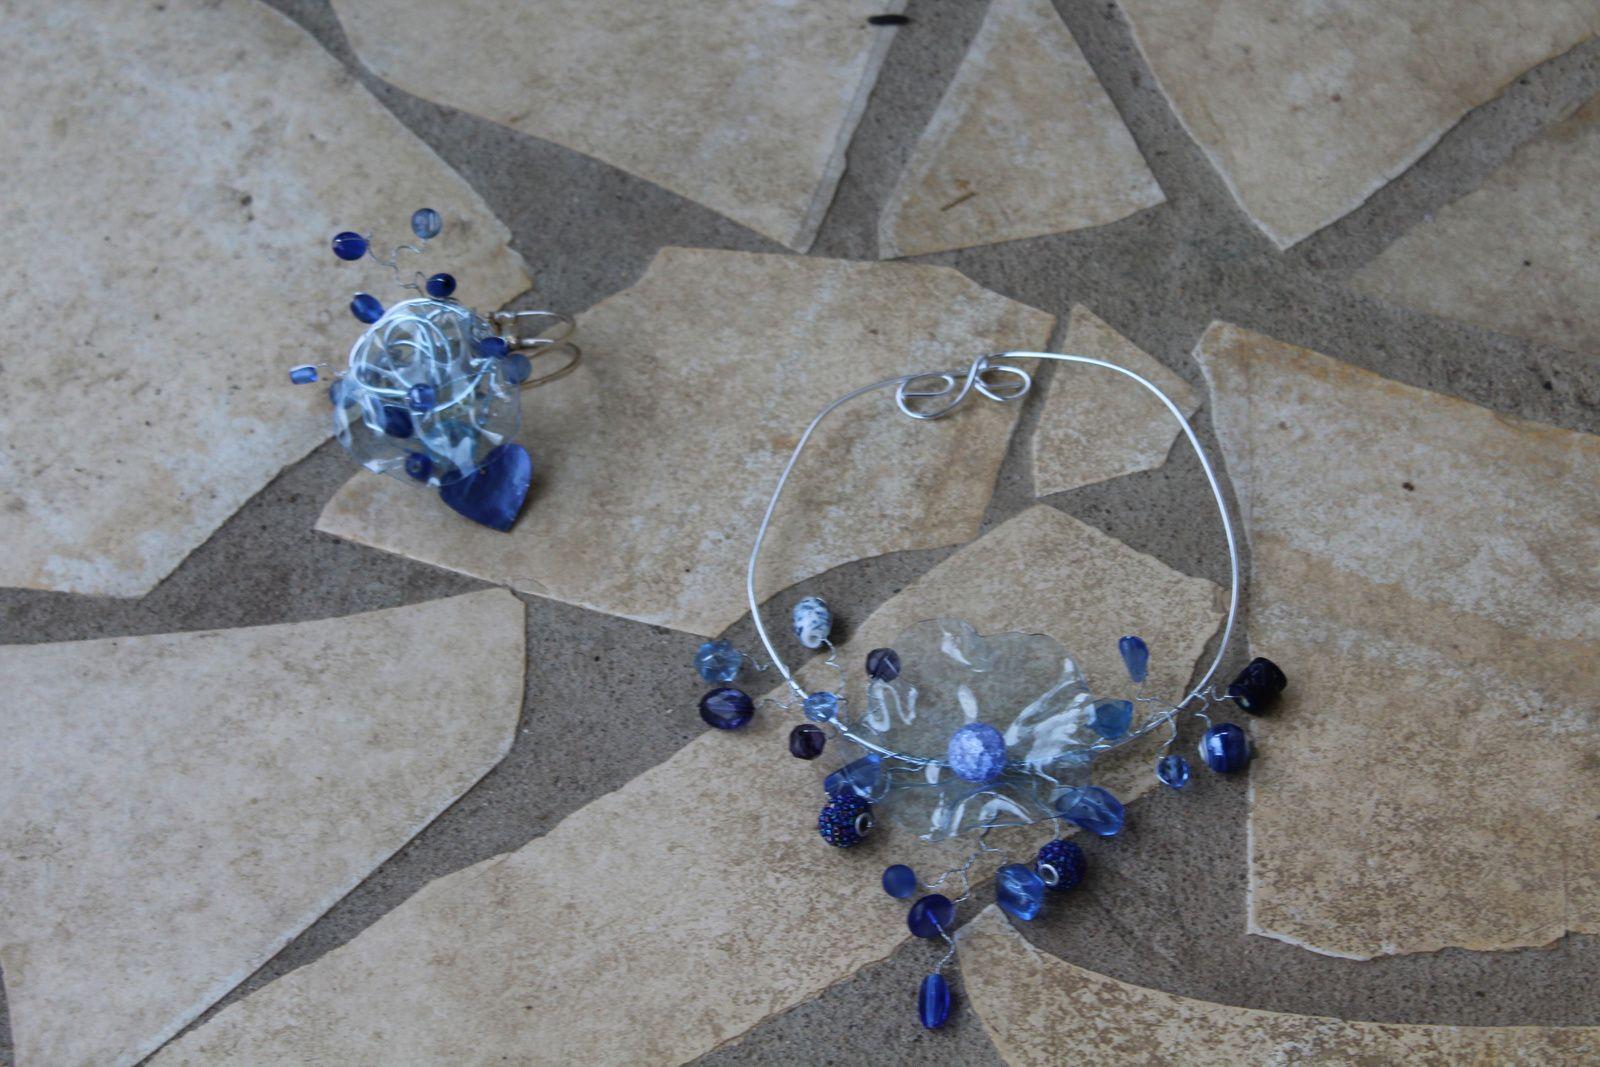 collier bleu en bouteille plastique